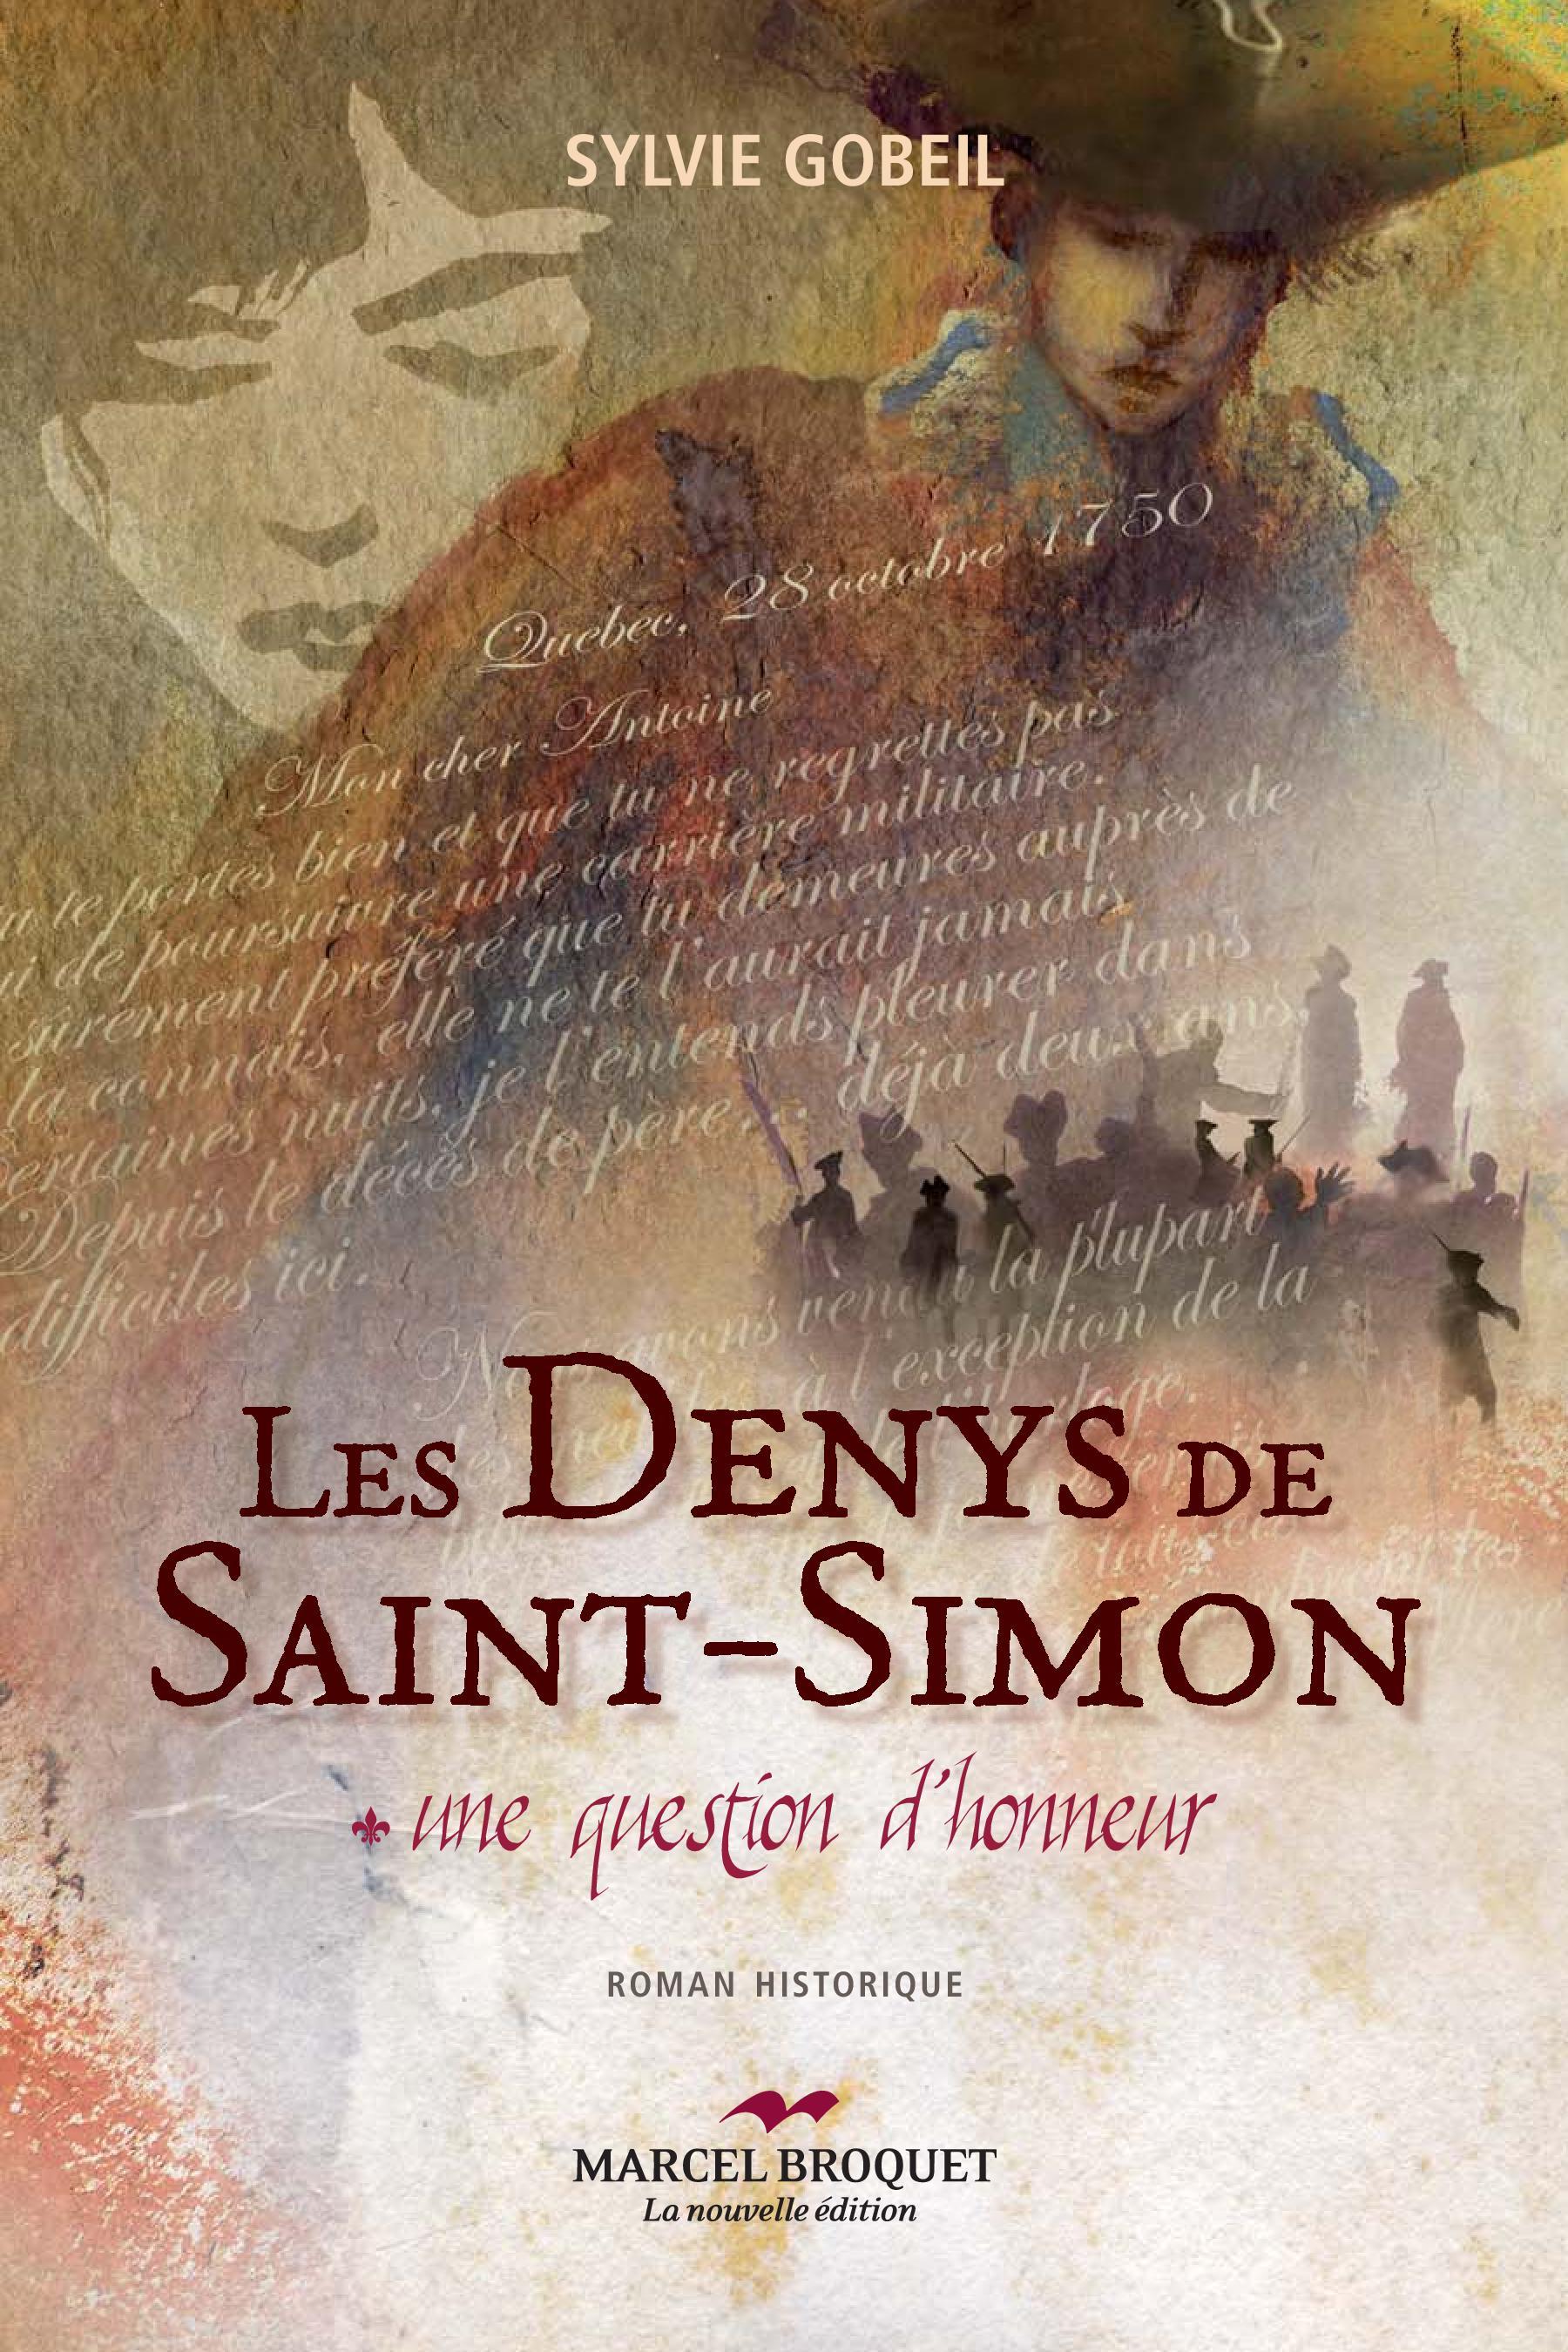 Les Denys de Saint-Simon